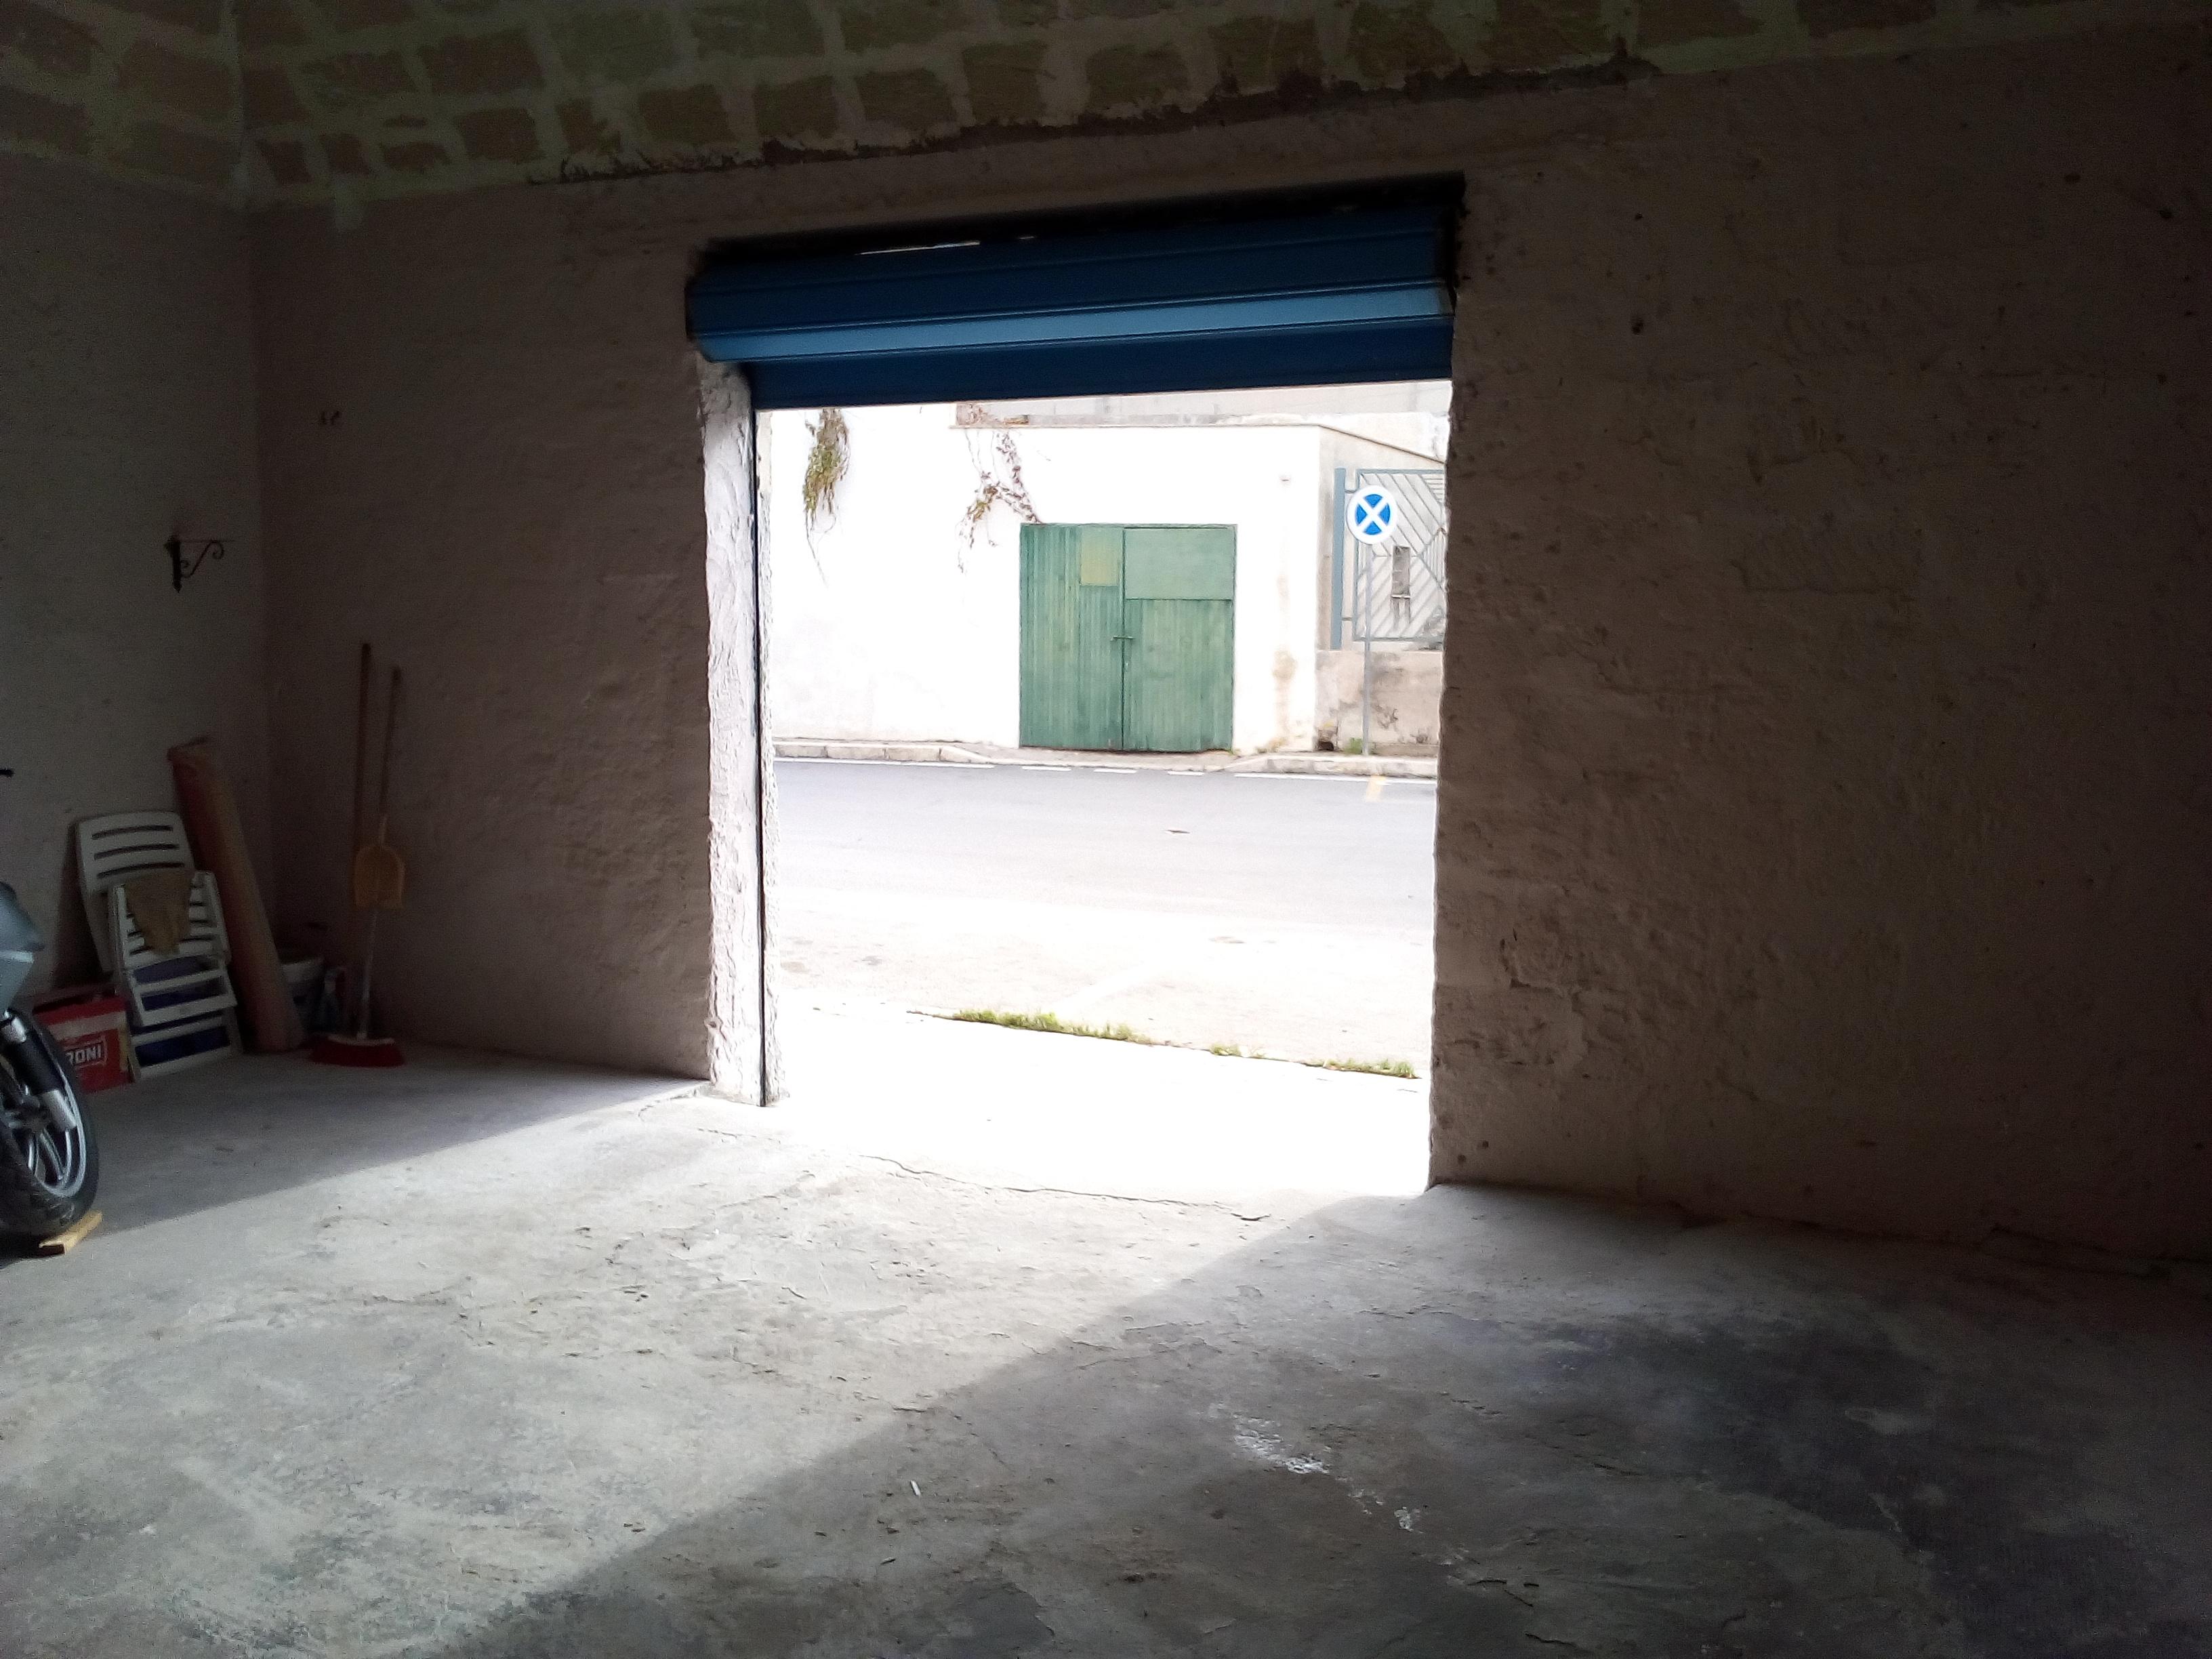 Immobile Garage e Bilocale Pieno centro